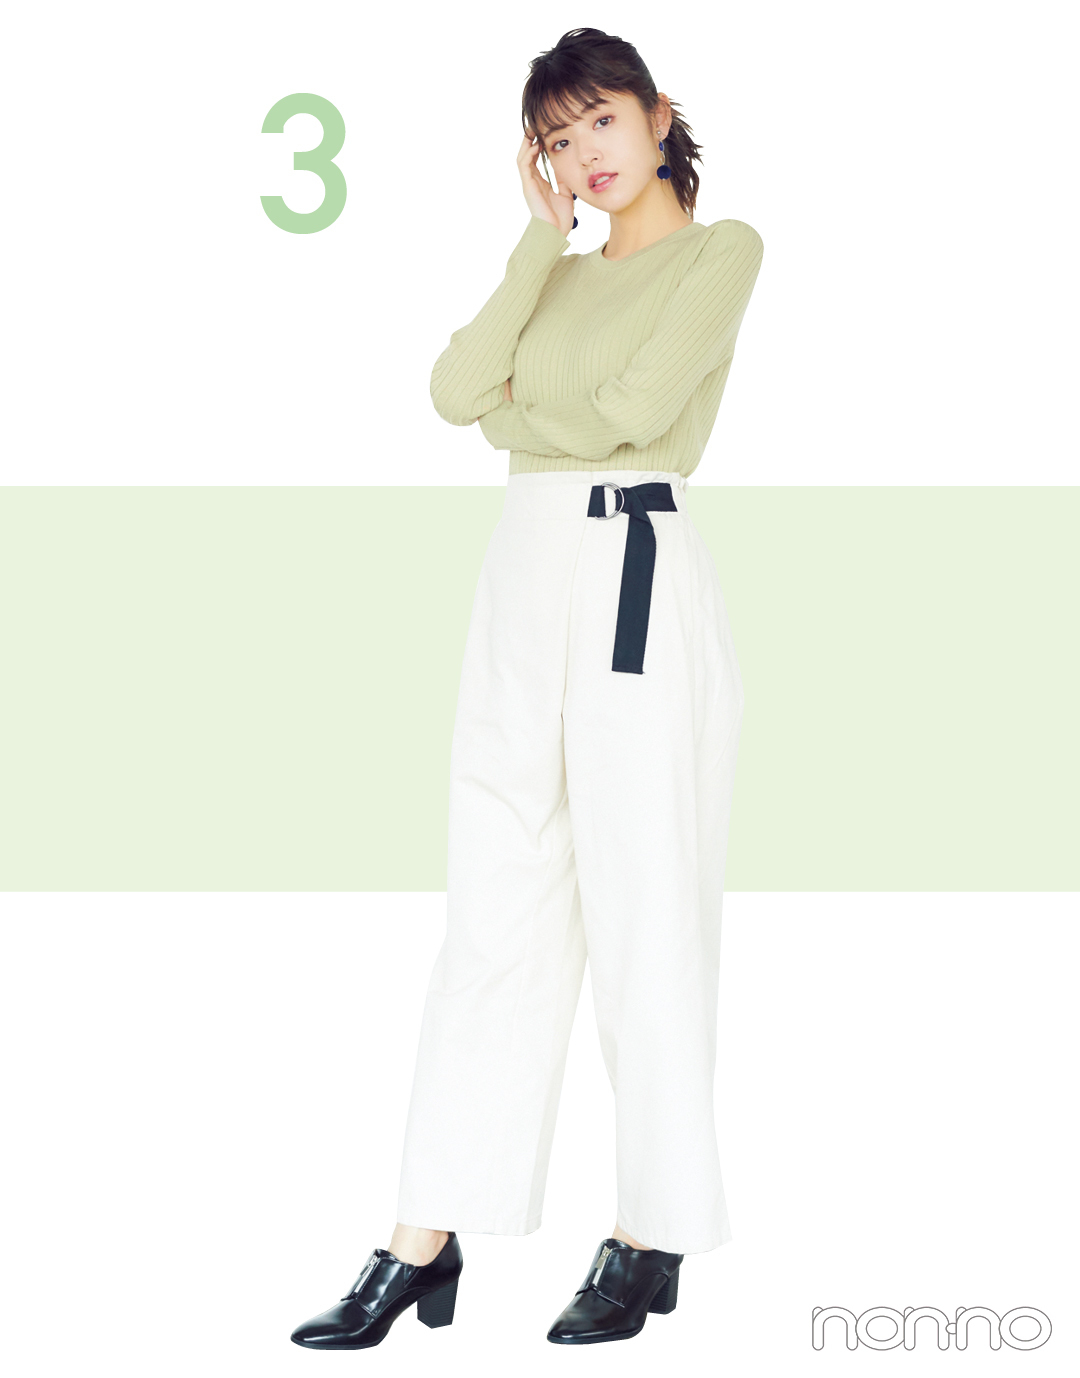 【GU】ピスタチオ色ニットを1月に買って着回す方法教えます★_1_5